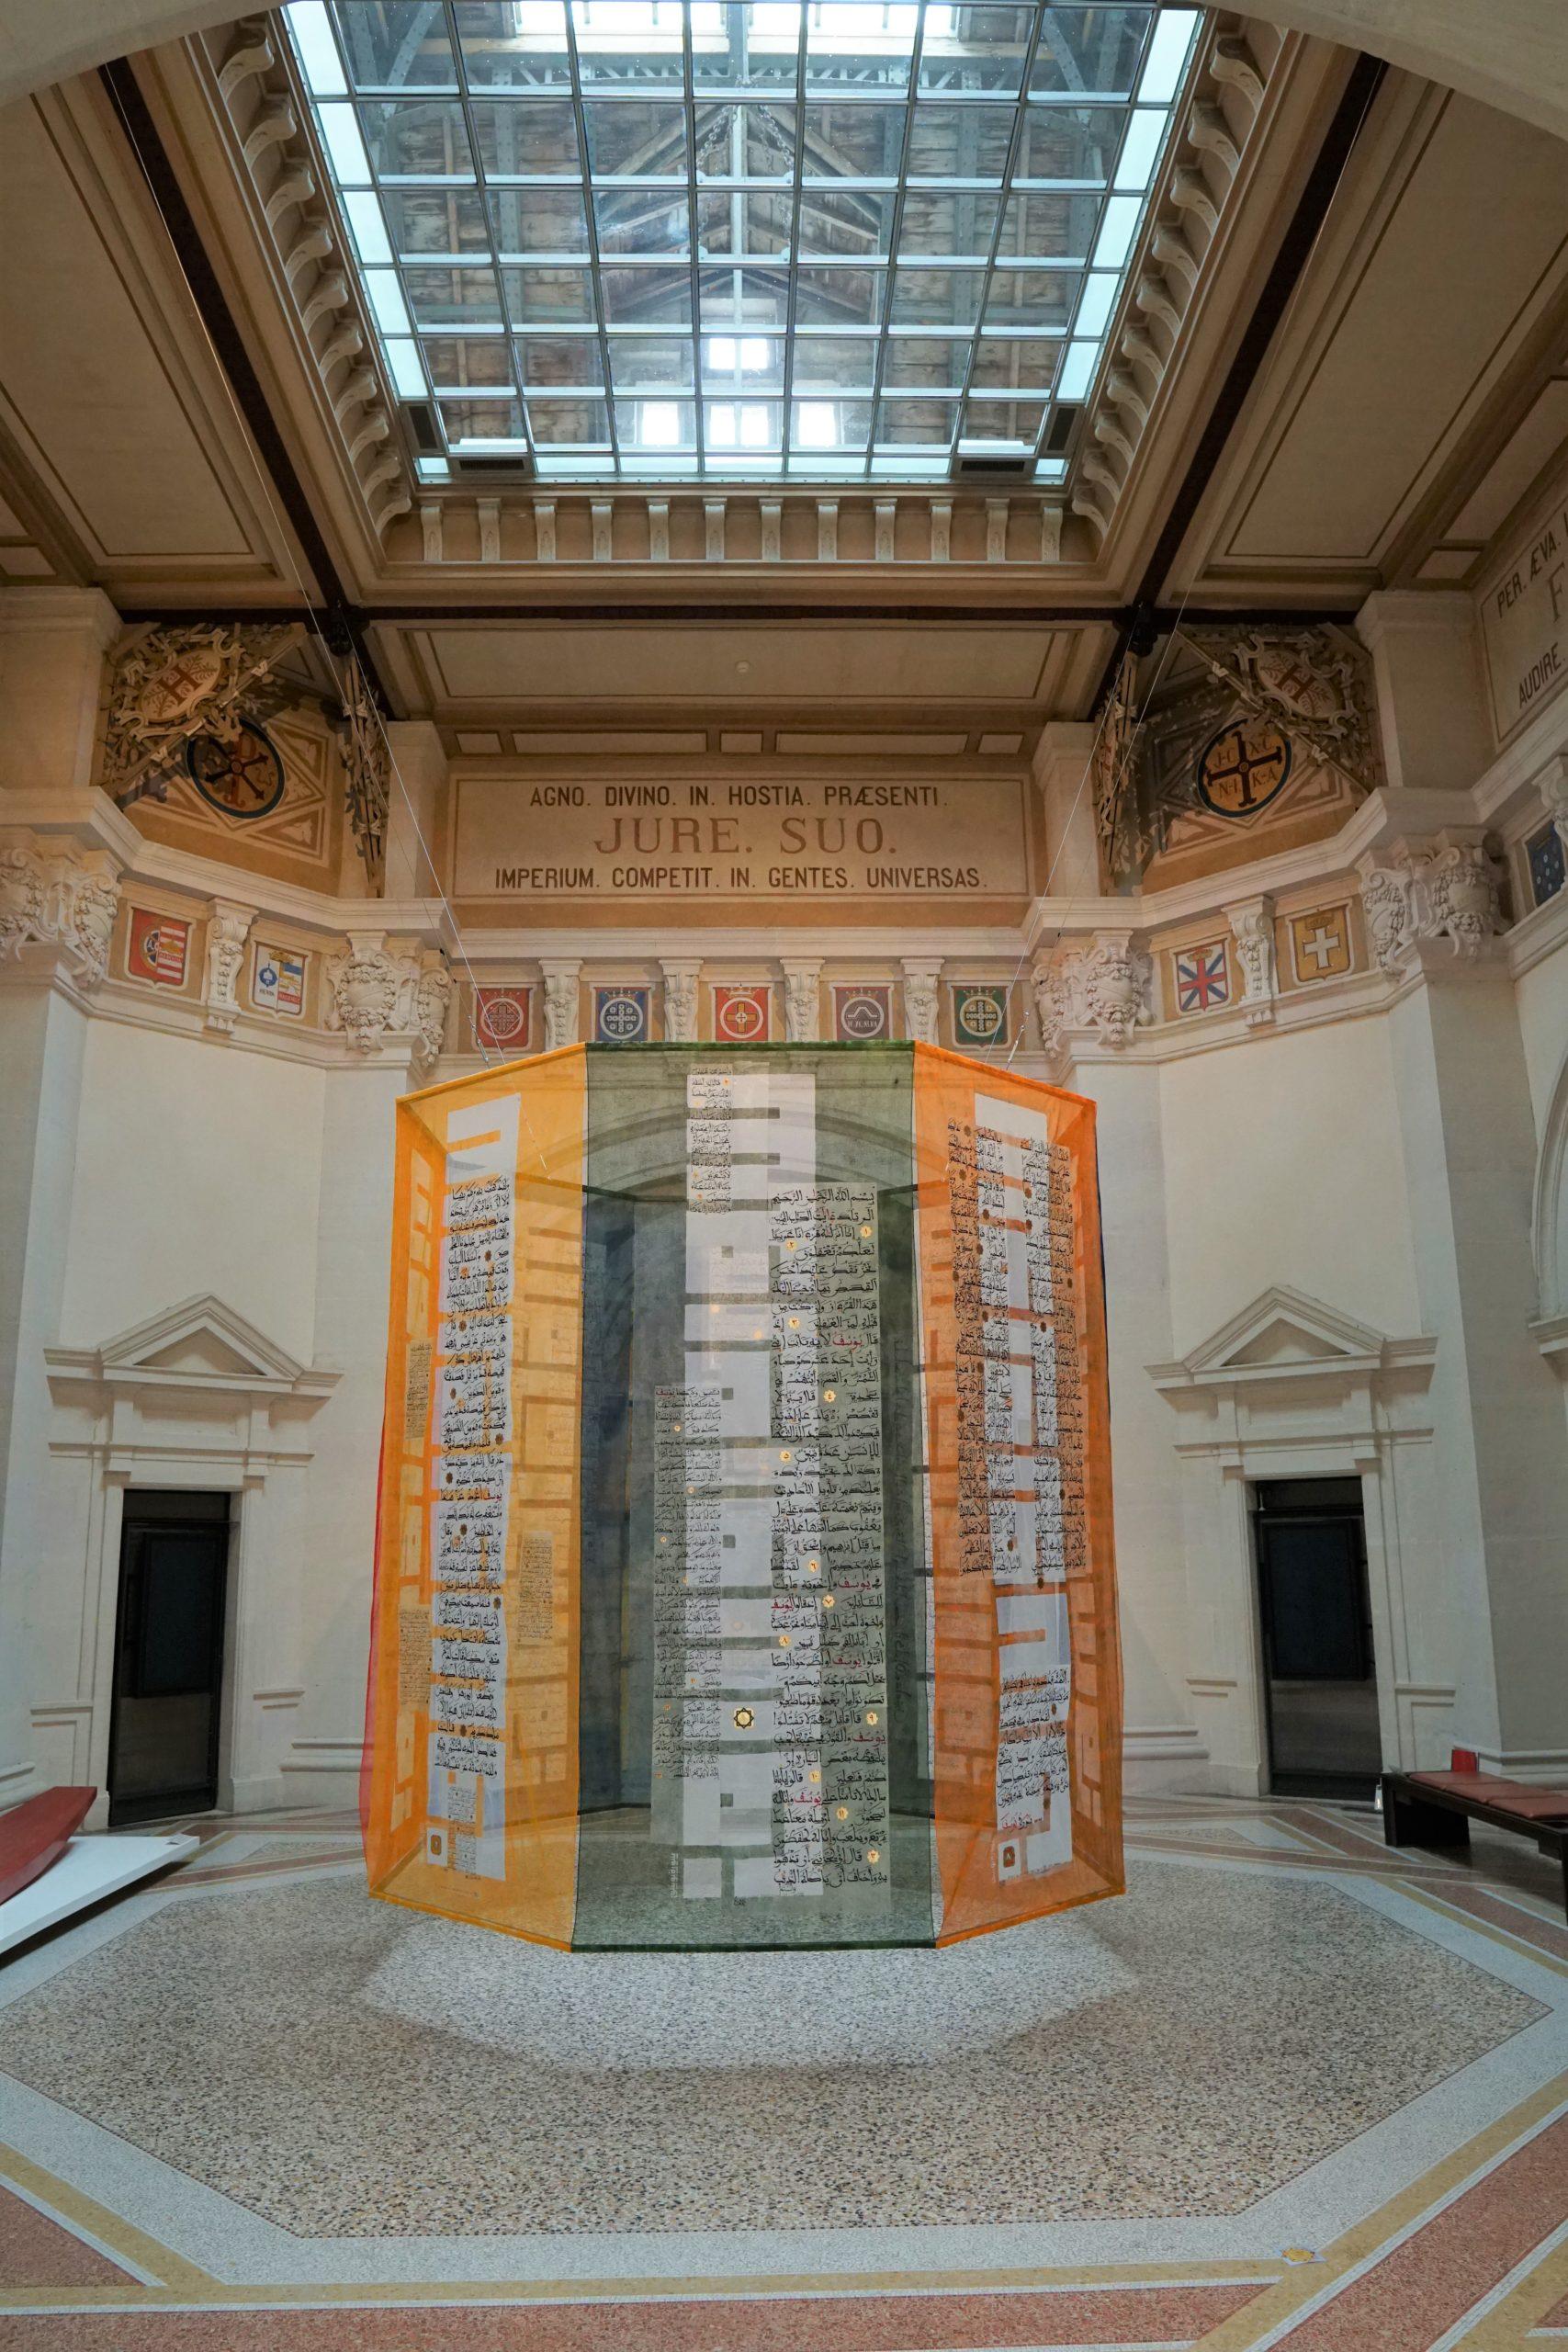 Yusuf, l'autre Joseph, Calligraphie de la sourate 12 sur huit textiles en suspension, formant un octogone créé en 2021 pour le musée du Hiéron, Encres, papiers et feuilles d'or sur tarlatane, 370 x 140 cm